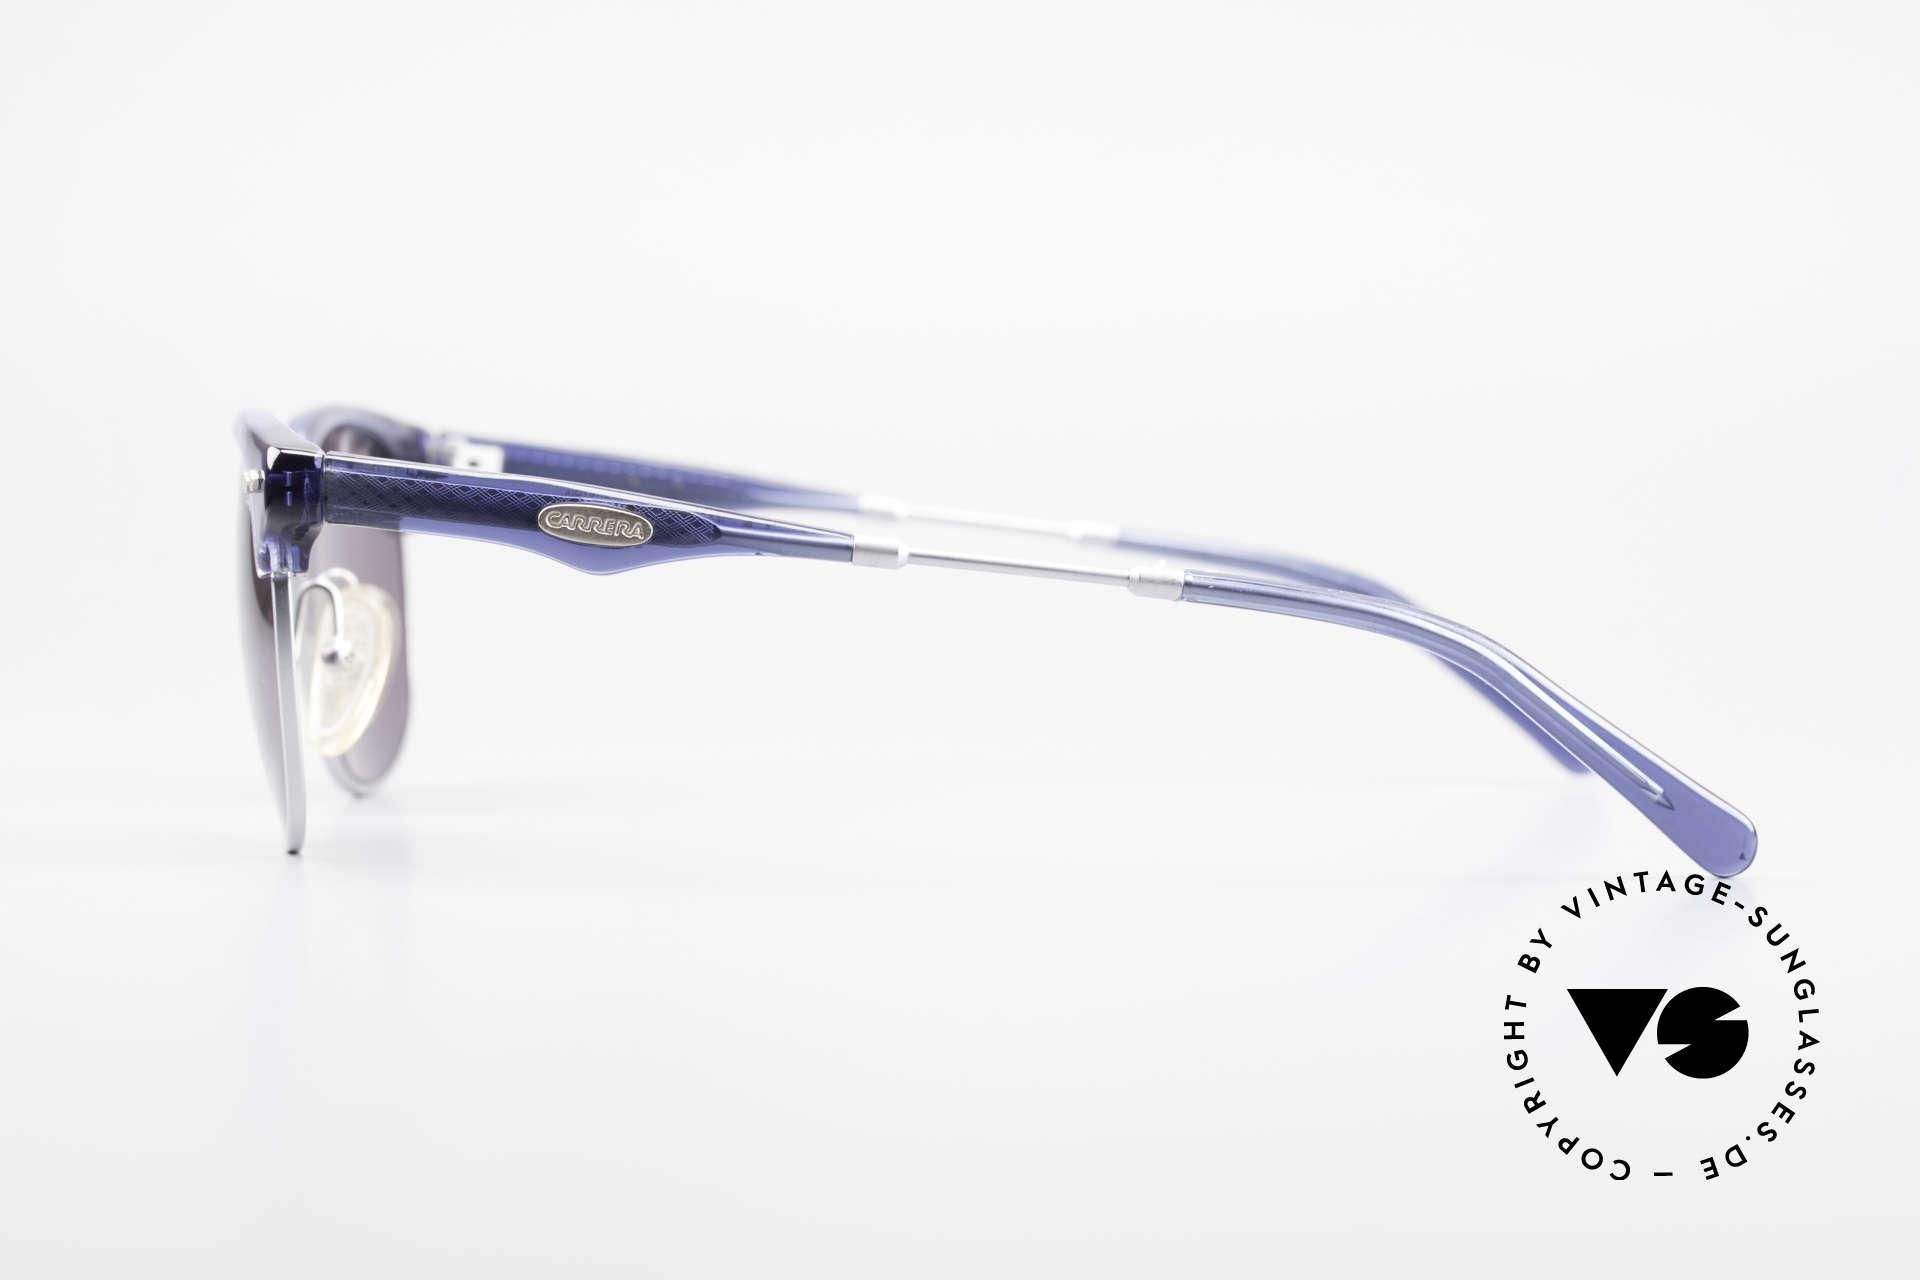 Carrera 5324 Vintage Panto Sonnenbrille, ungetragenes Einzelstück (inkl. Movado Soft-Beutel), Passend für Herren